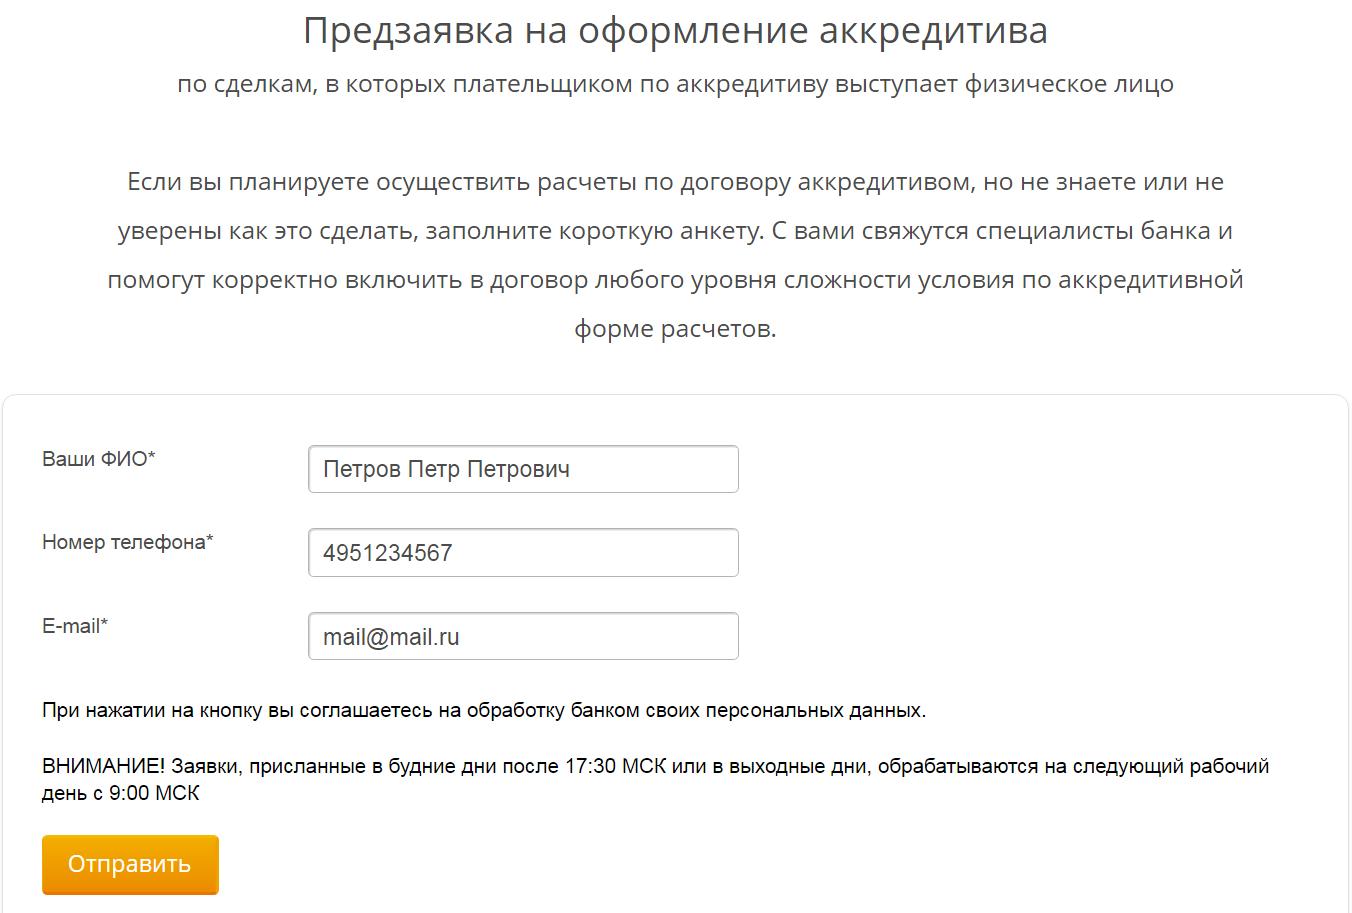 Предзаявка на аккредитив